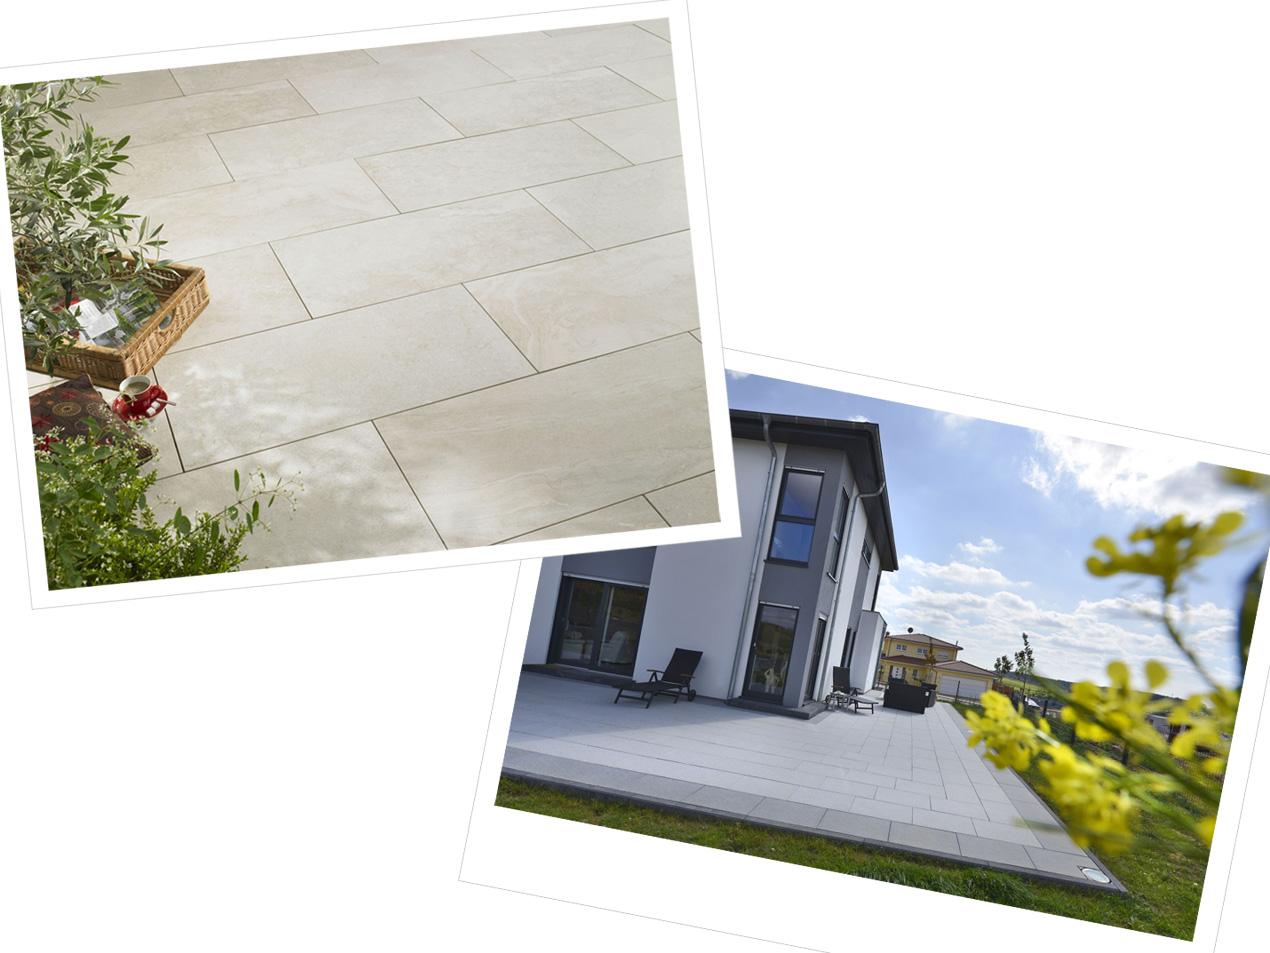 Tipps Systemaufbau für keramische Terrassenelemente